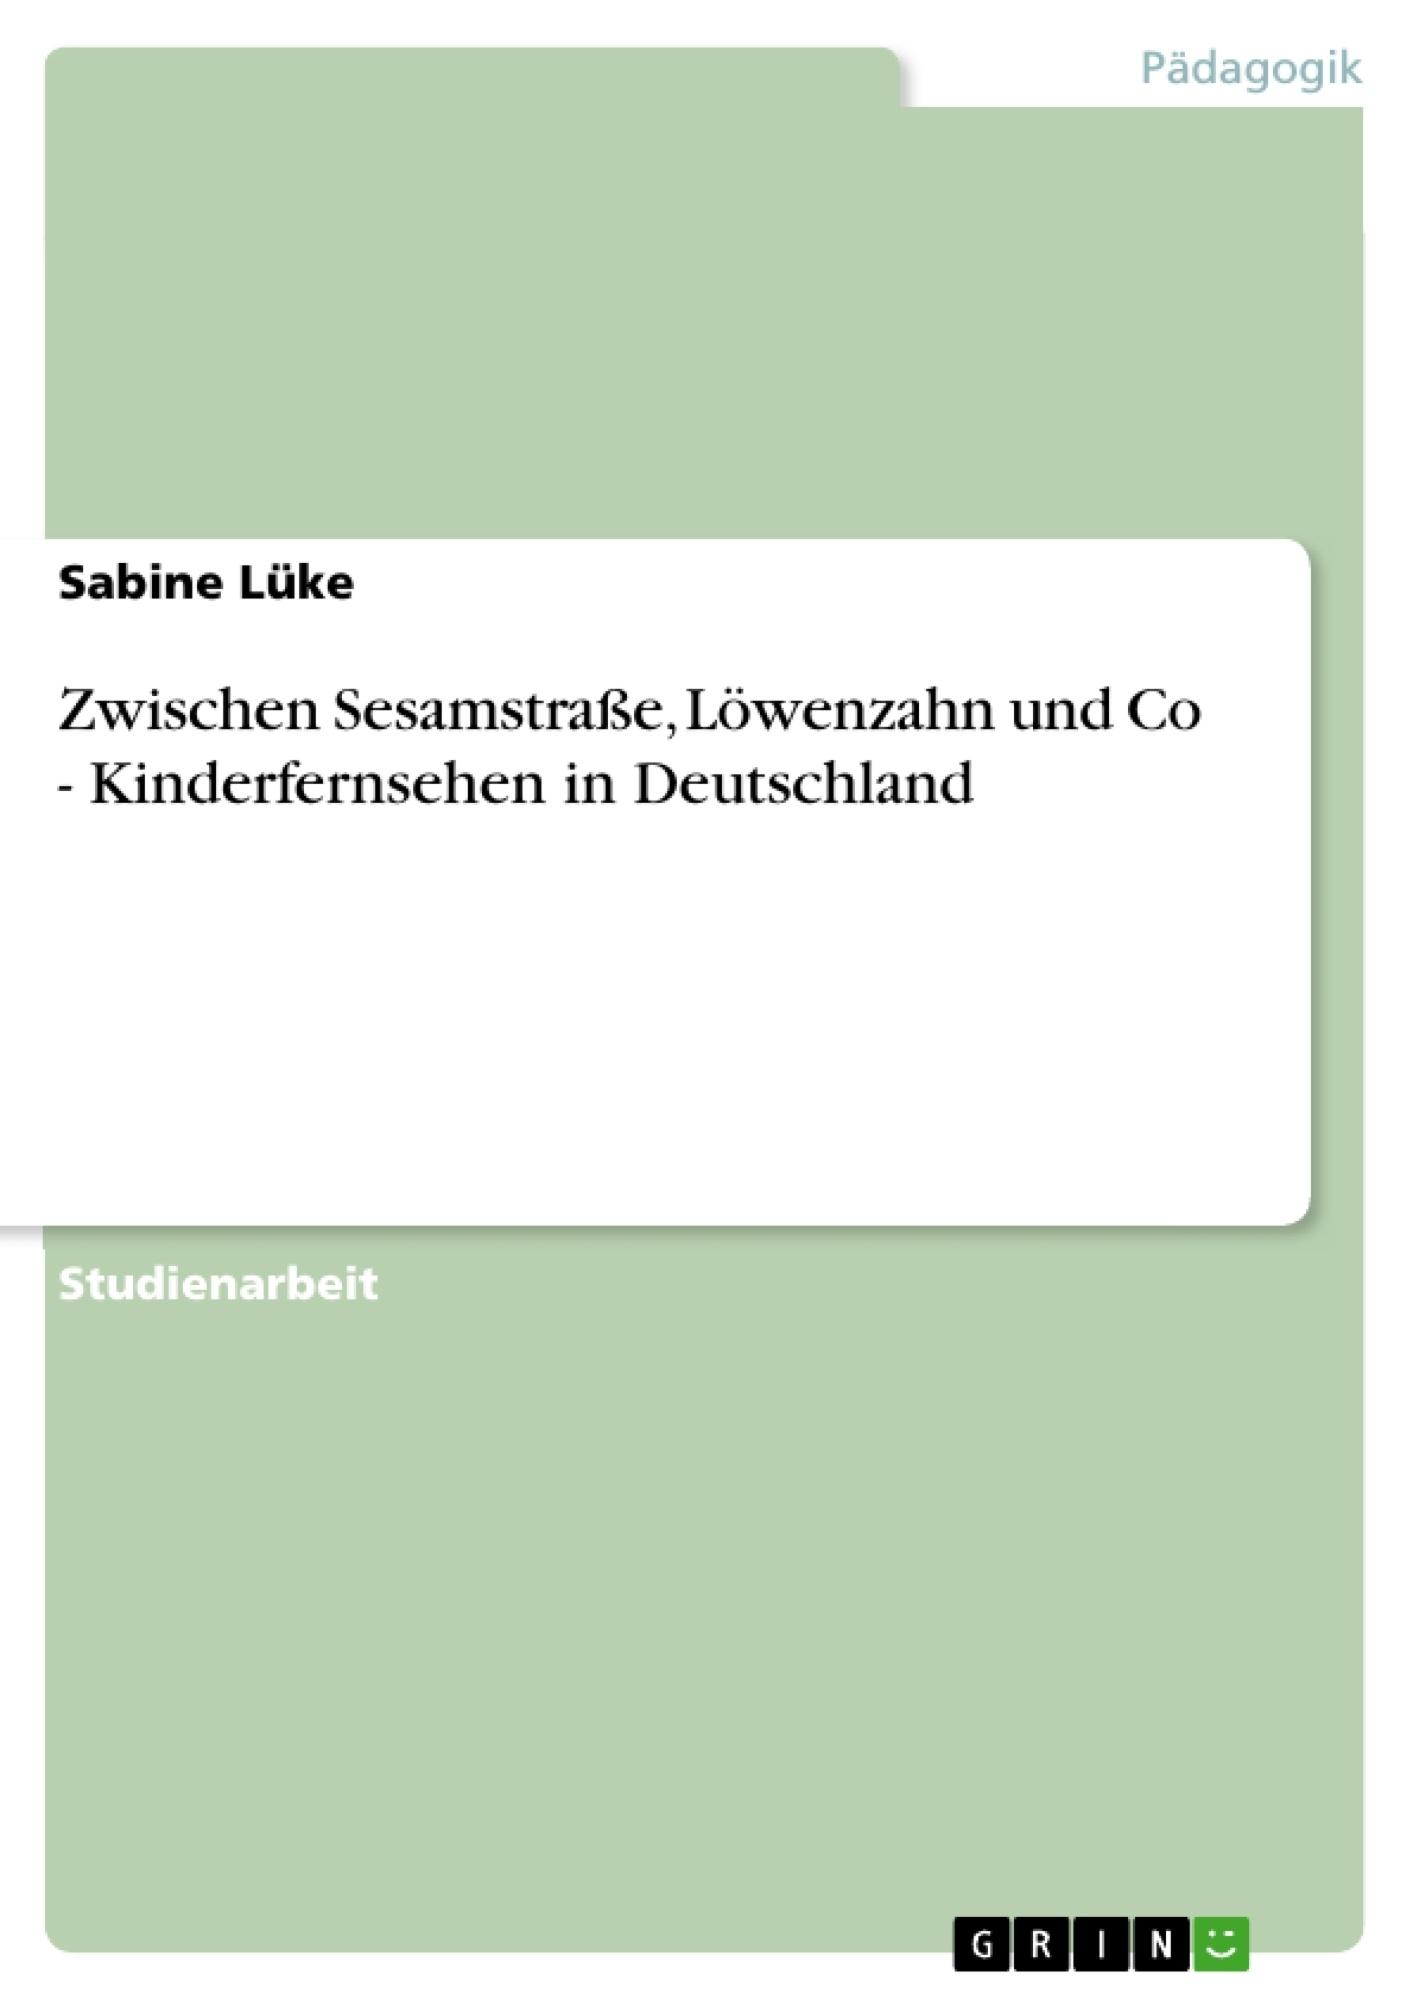 Titel: Zwischen Sesamstraße, Löwenzahn und Co - Kinderfernsehen in Deutschland